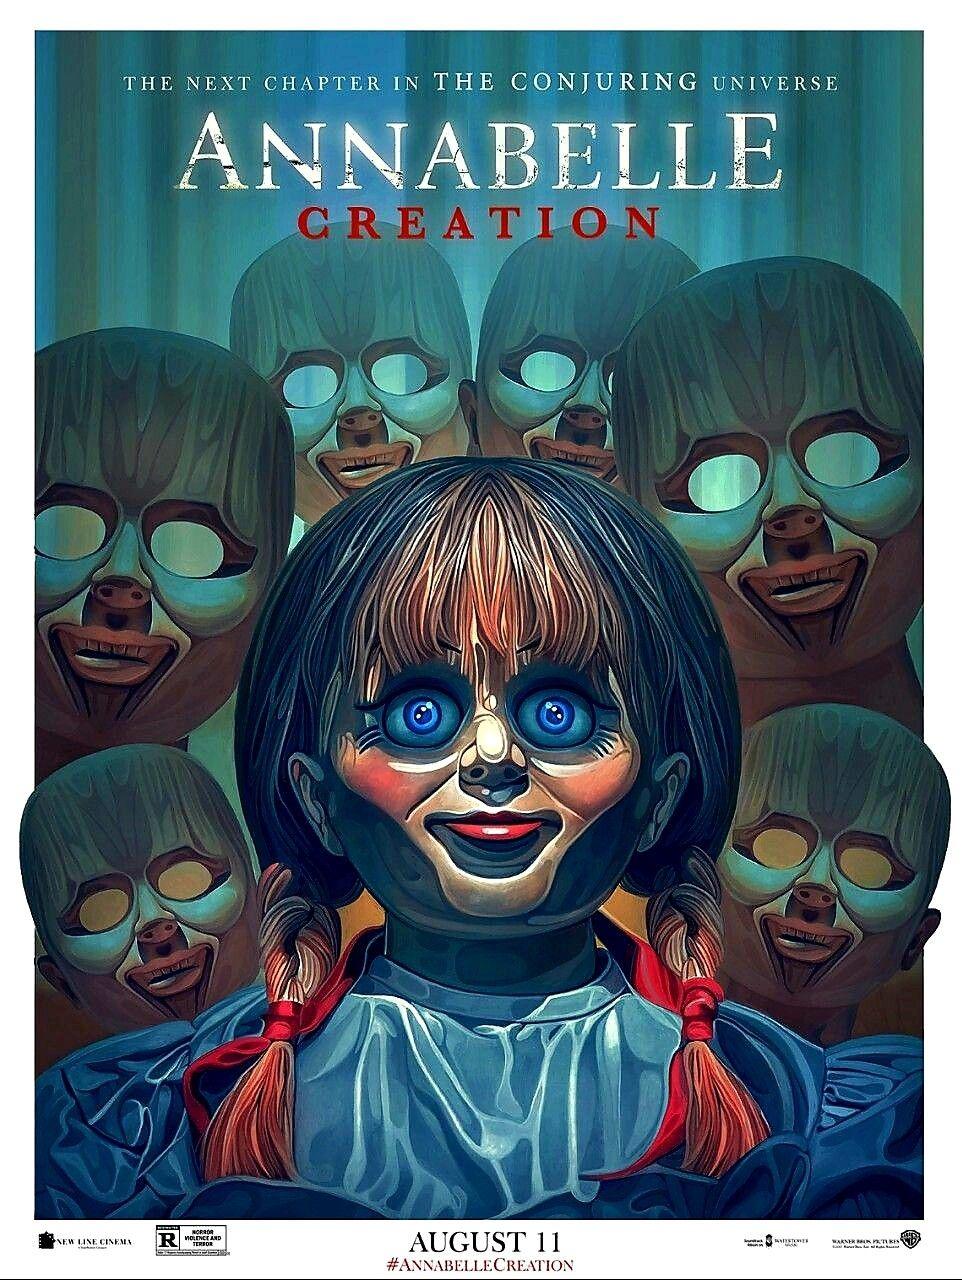 Pin by kim hickey on hello dolly horror movie art